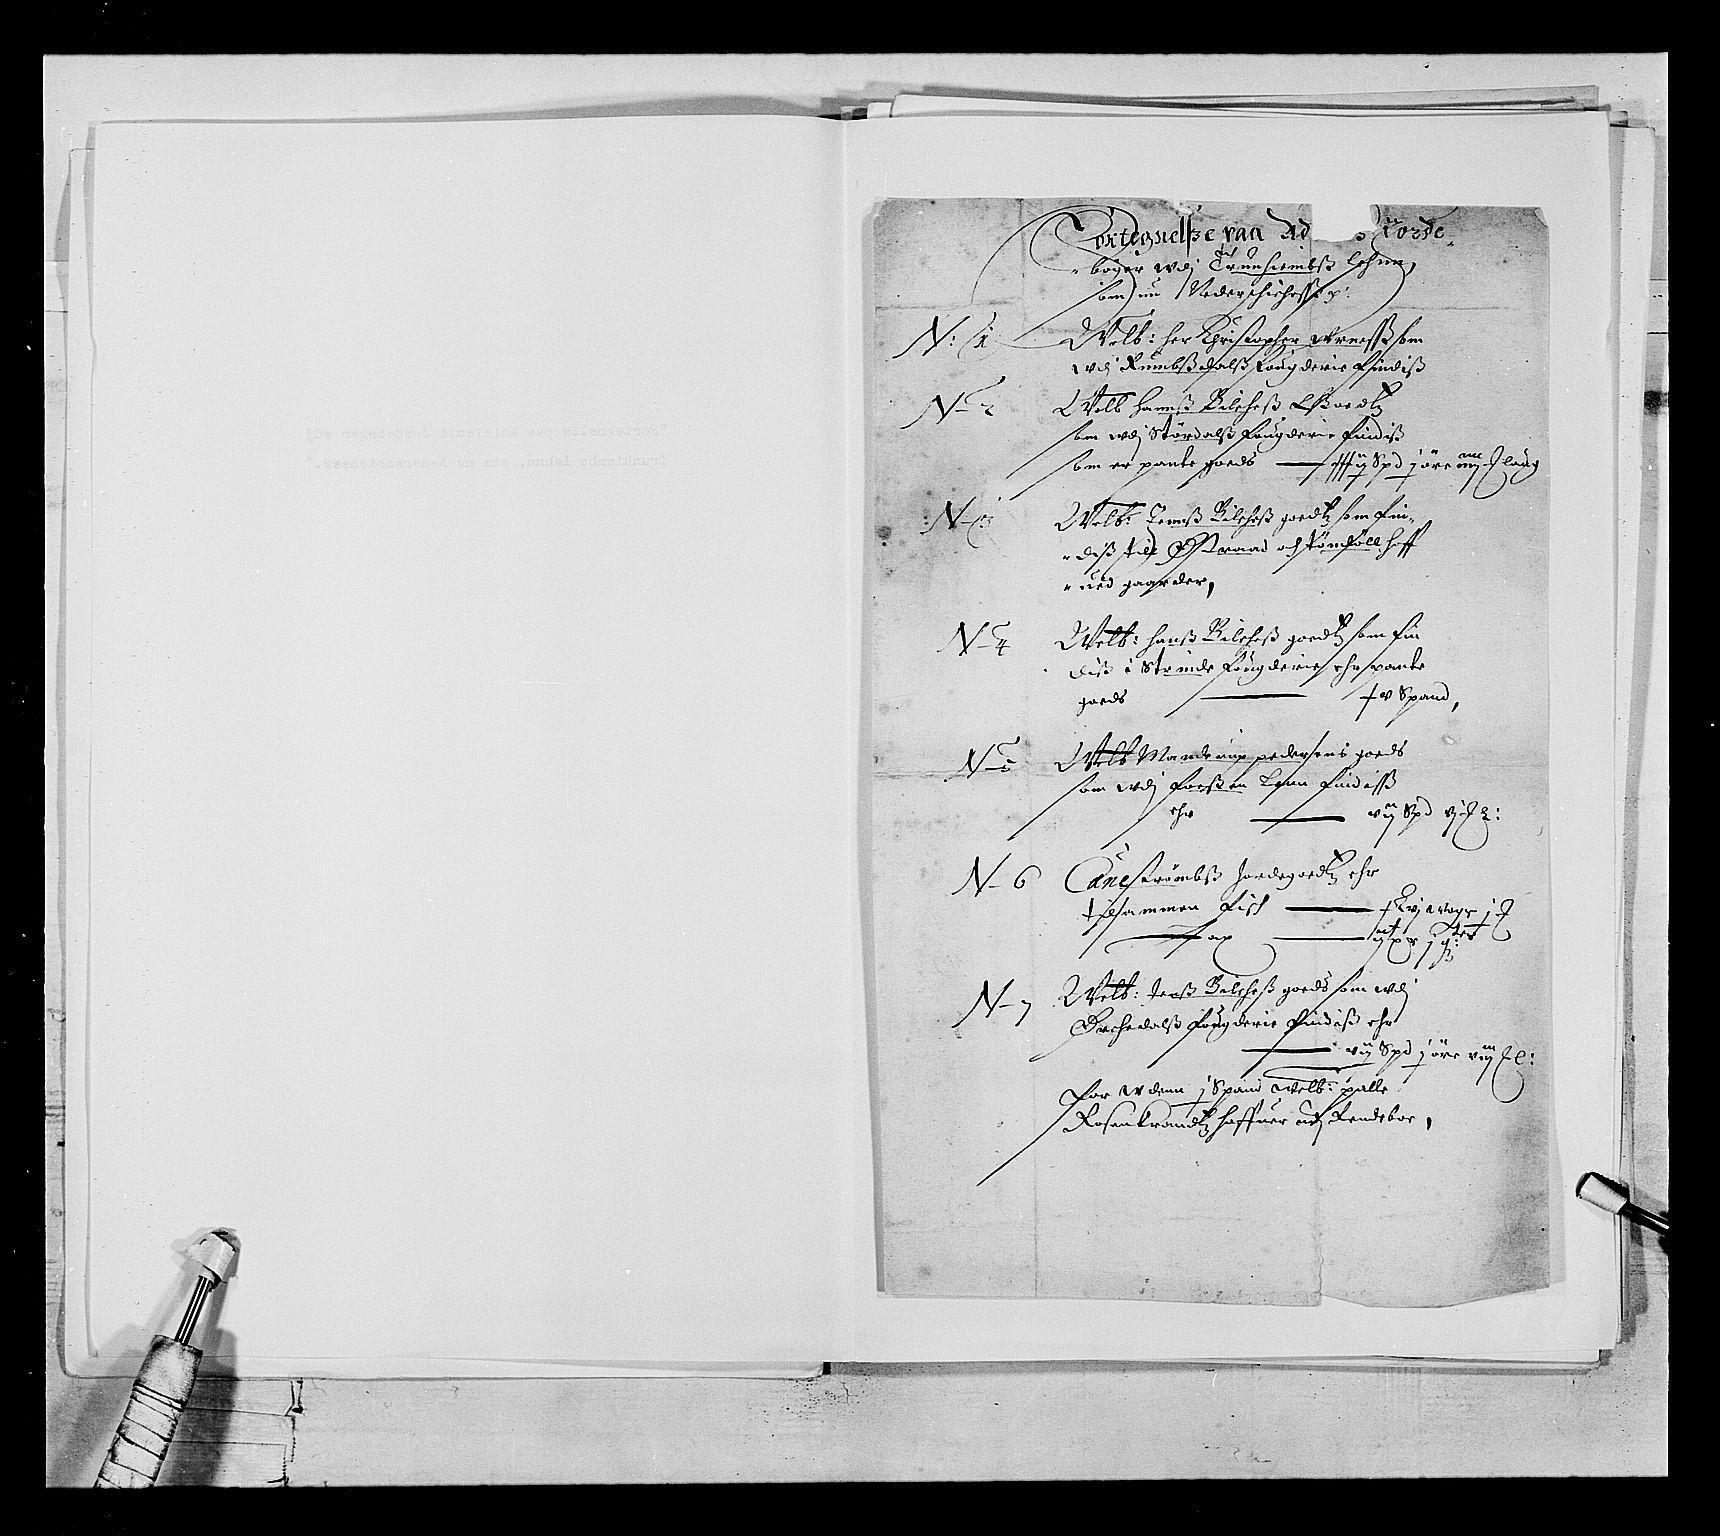 RA, Stattholderembetet 1572-1771, Ek/L0021: Jordebøker 1633-1658:, 1648, s. 1